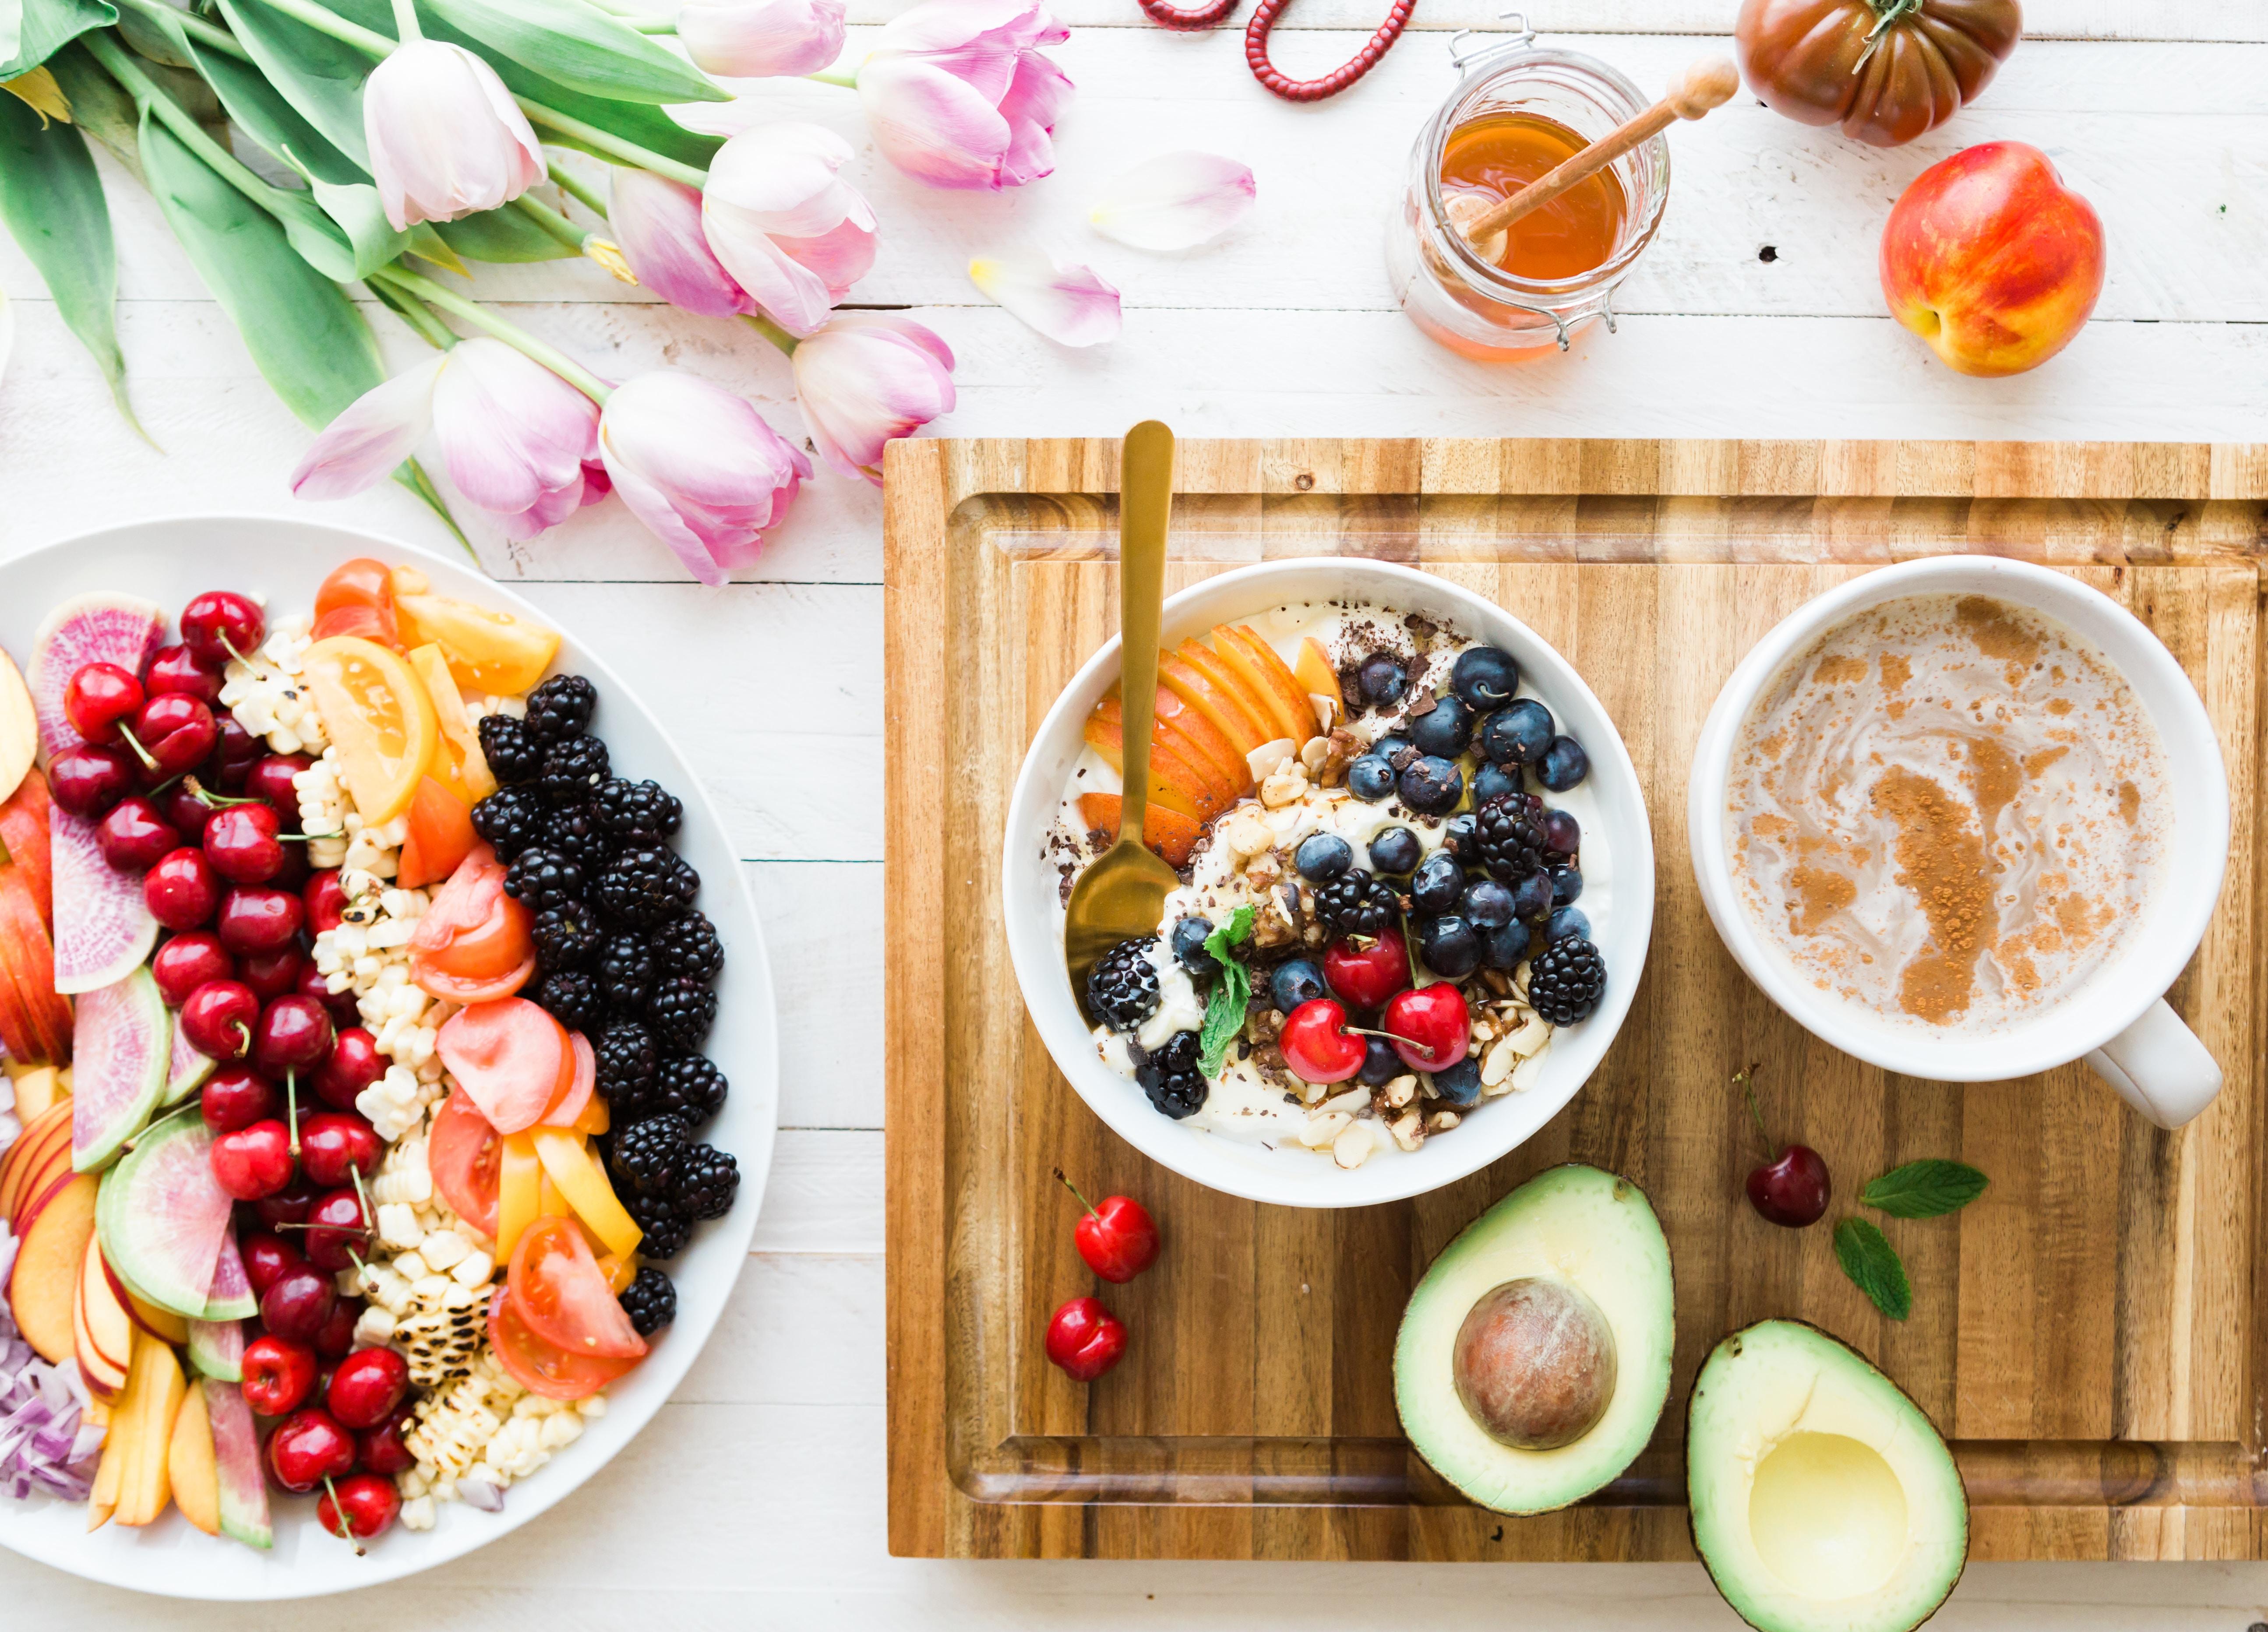 cara cepat menurunkan berat badan tanpa olahraga dan diet